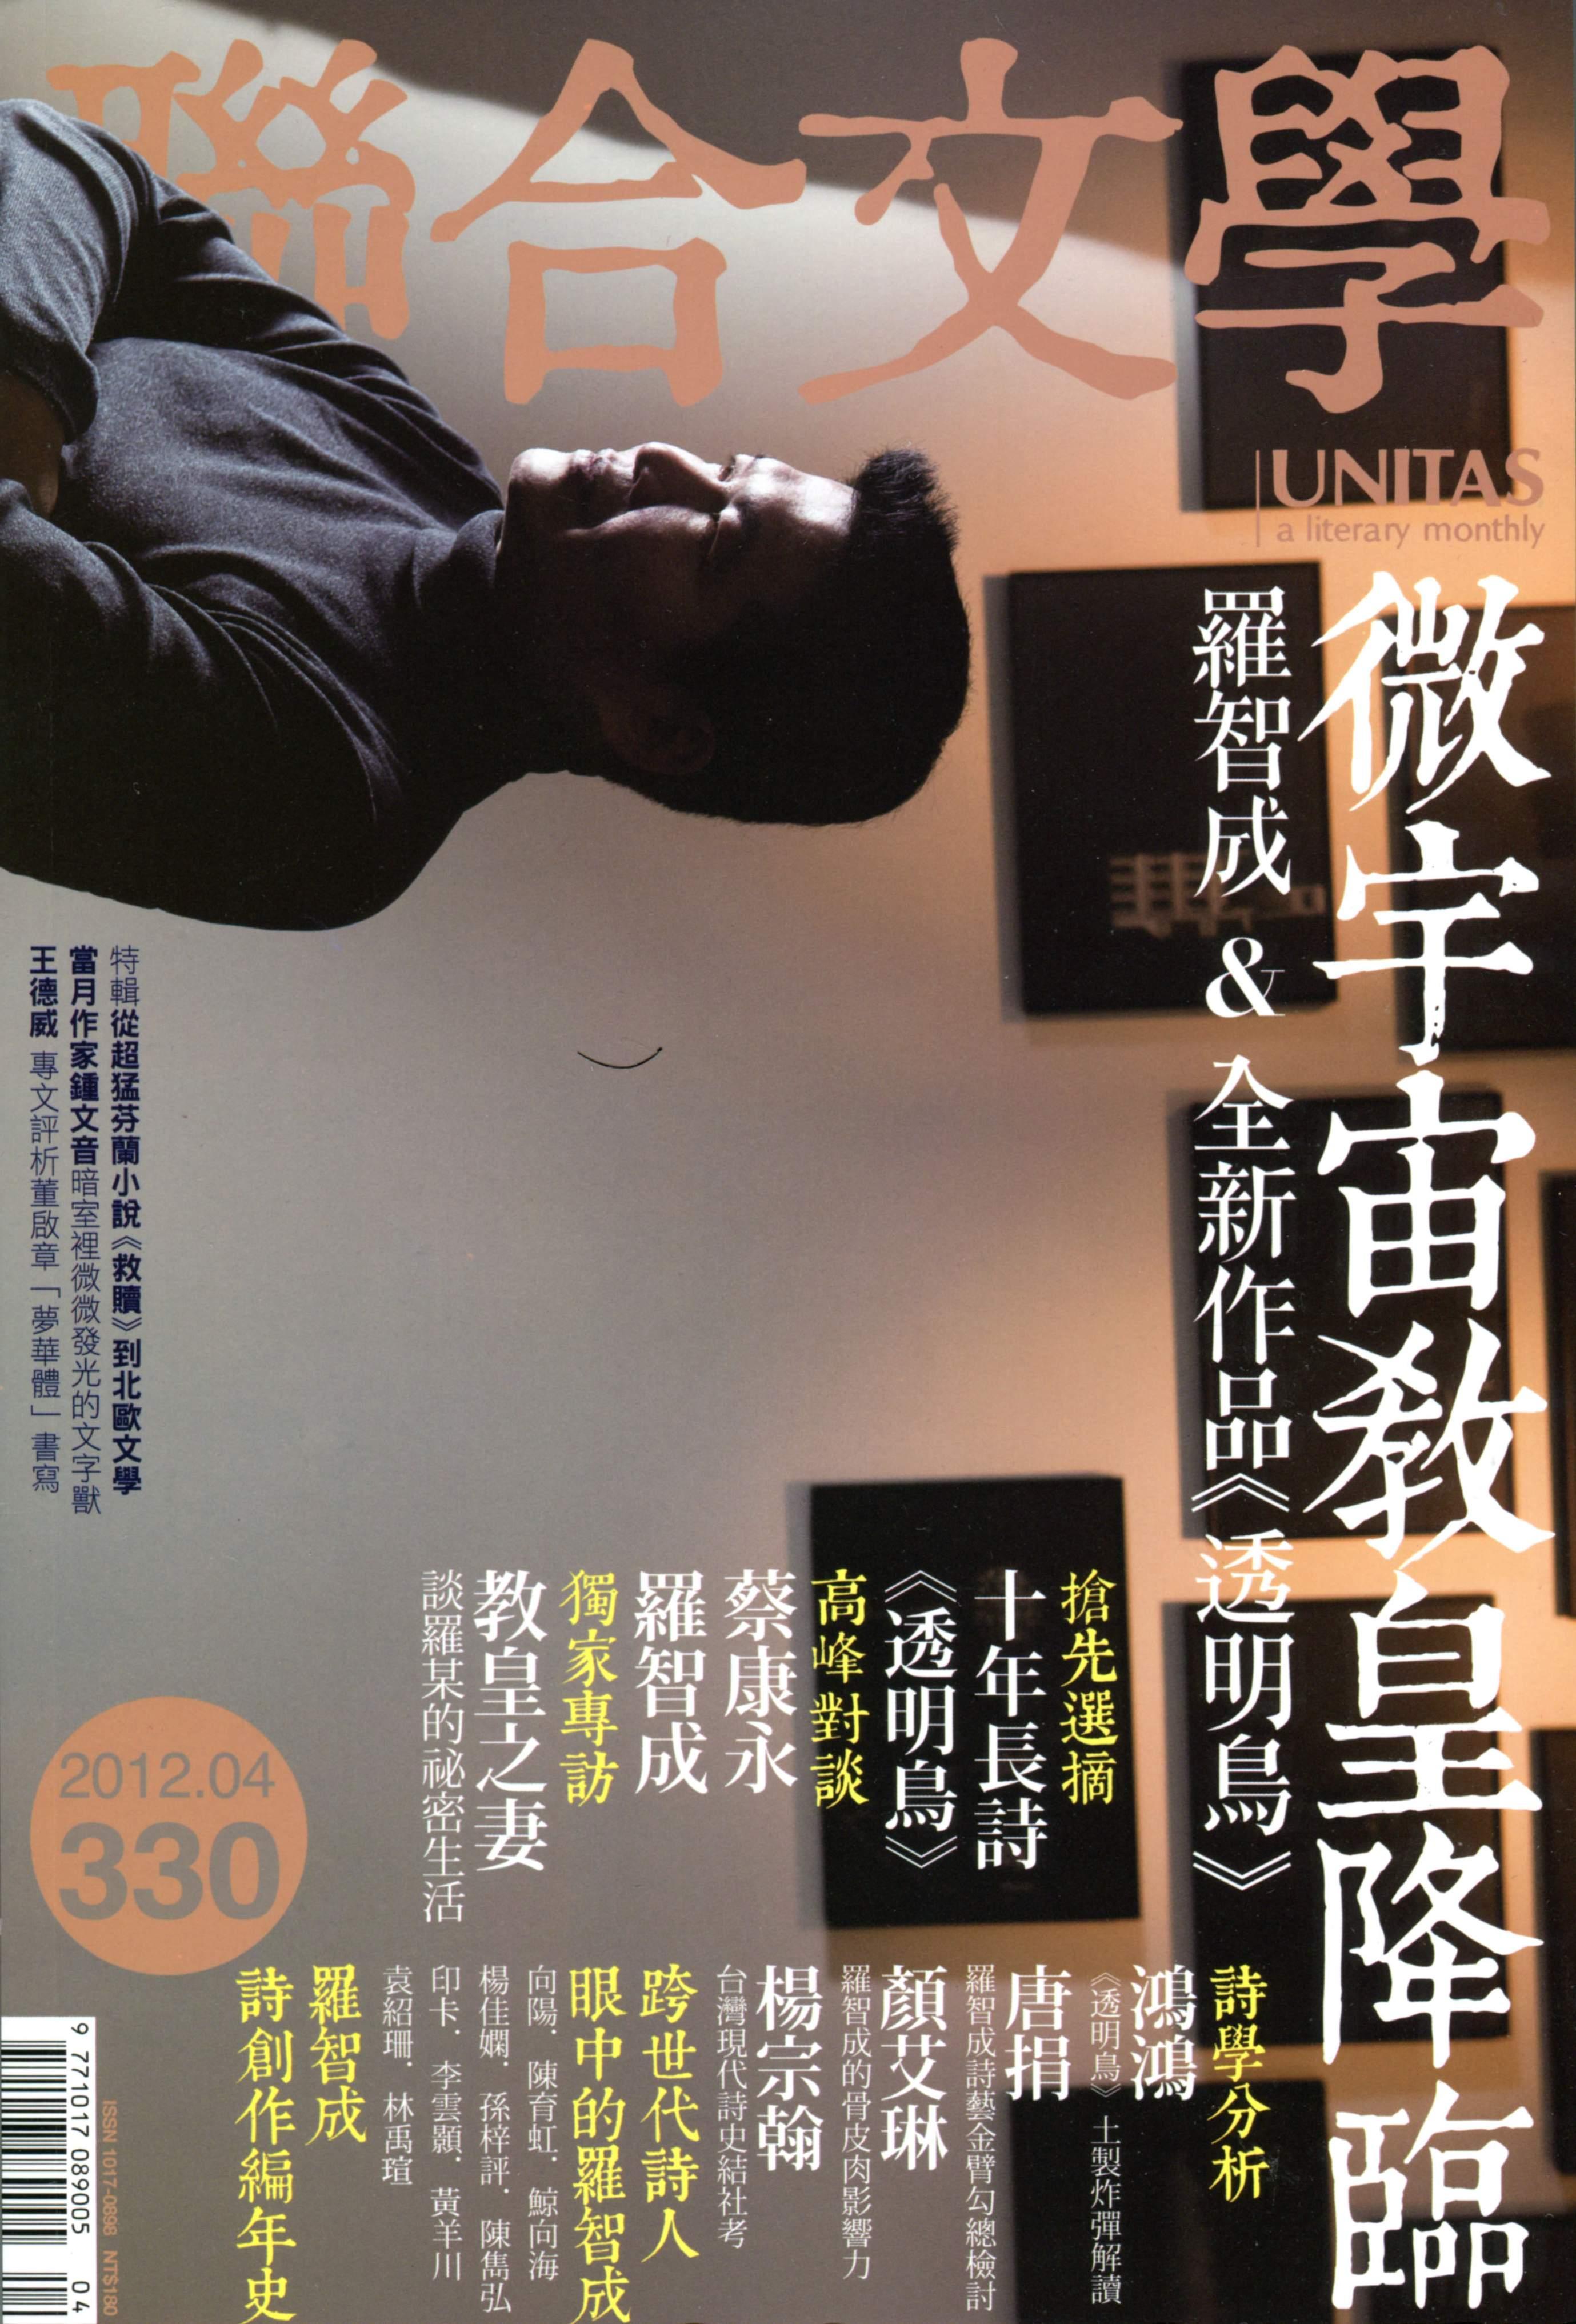 聯合文學 2012年04月號 330期